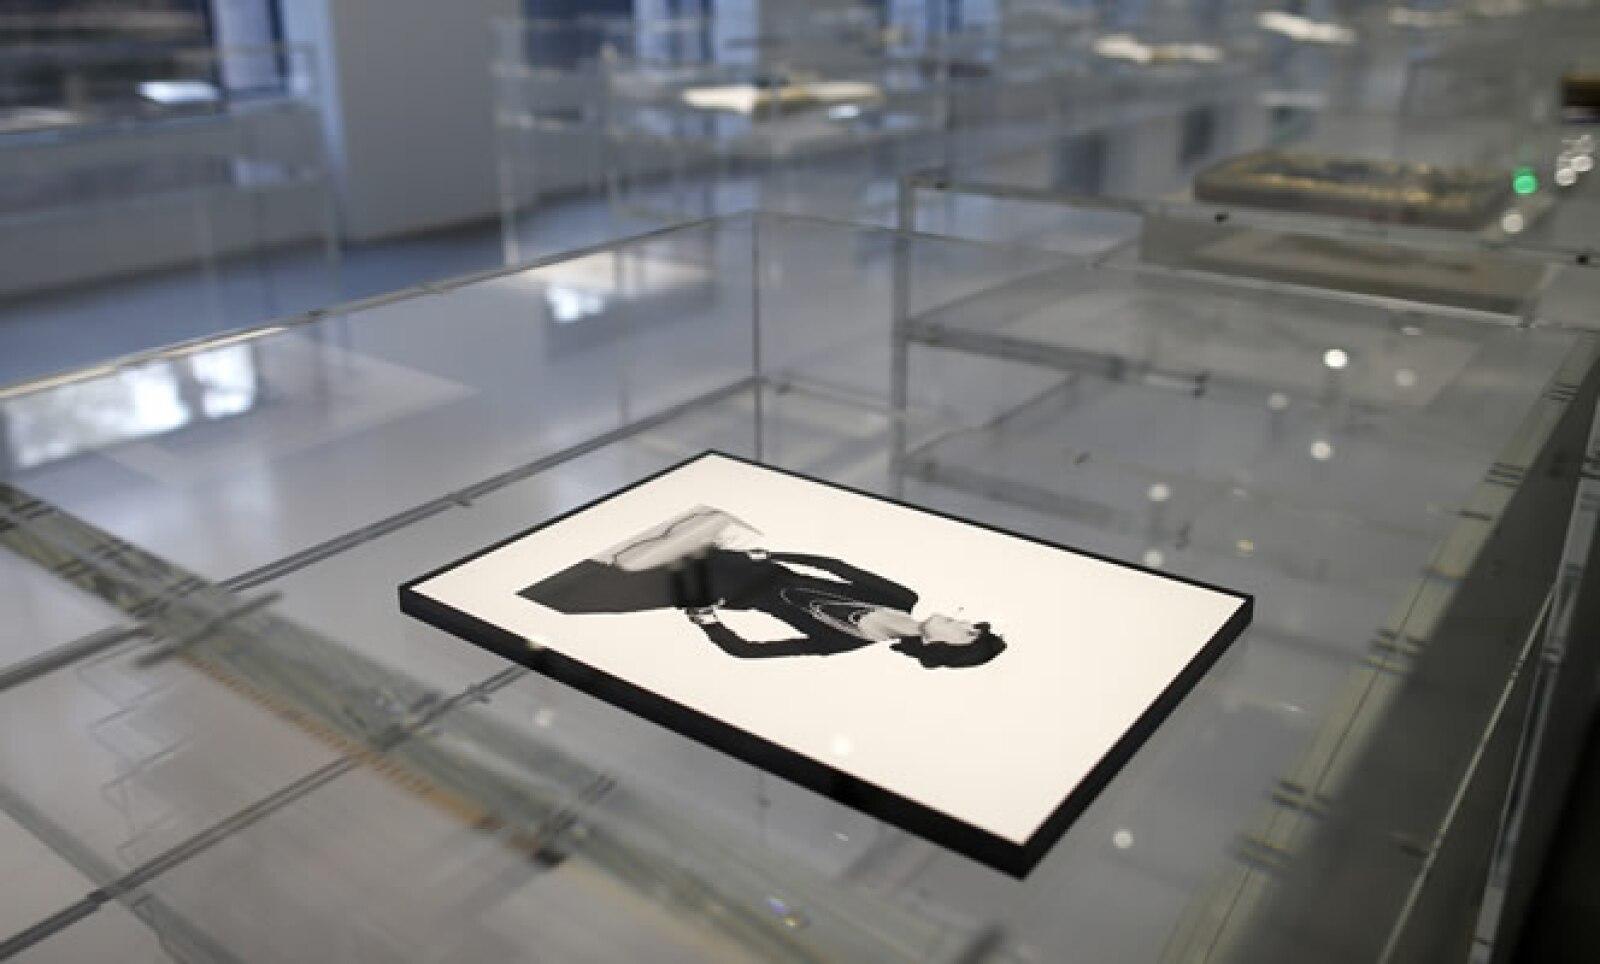 Un retrato de la diseñadora creado por el artista Man Ray en 1935.